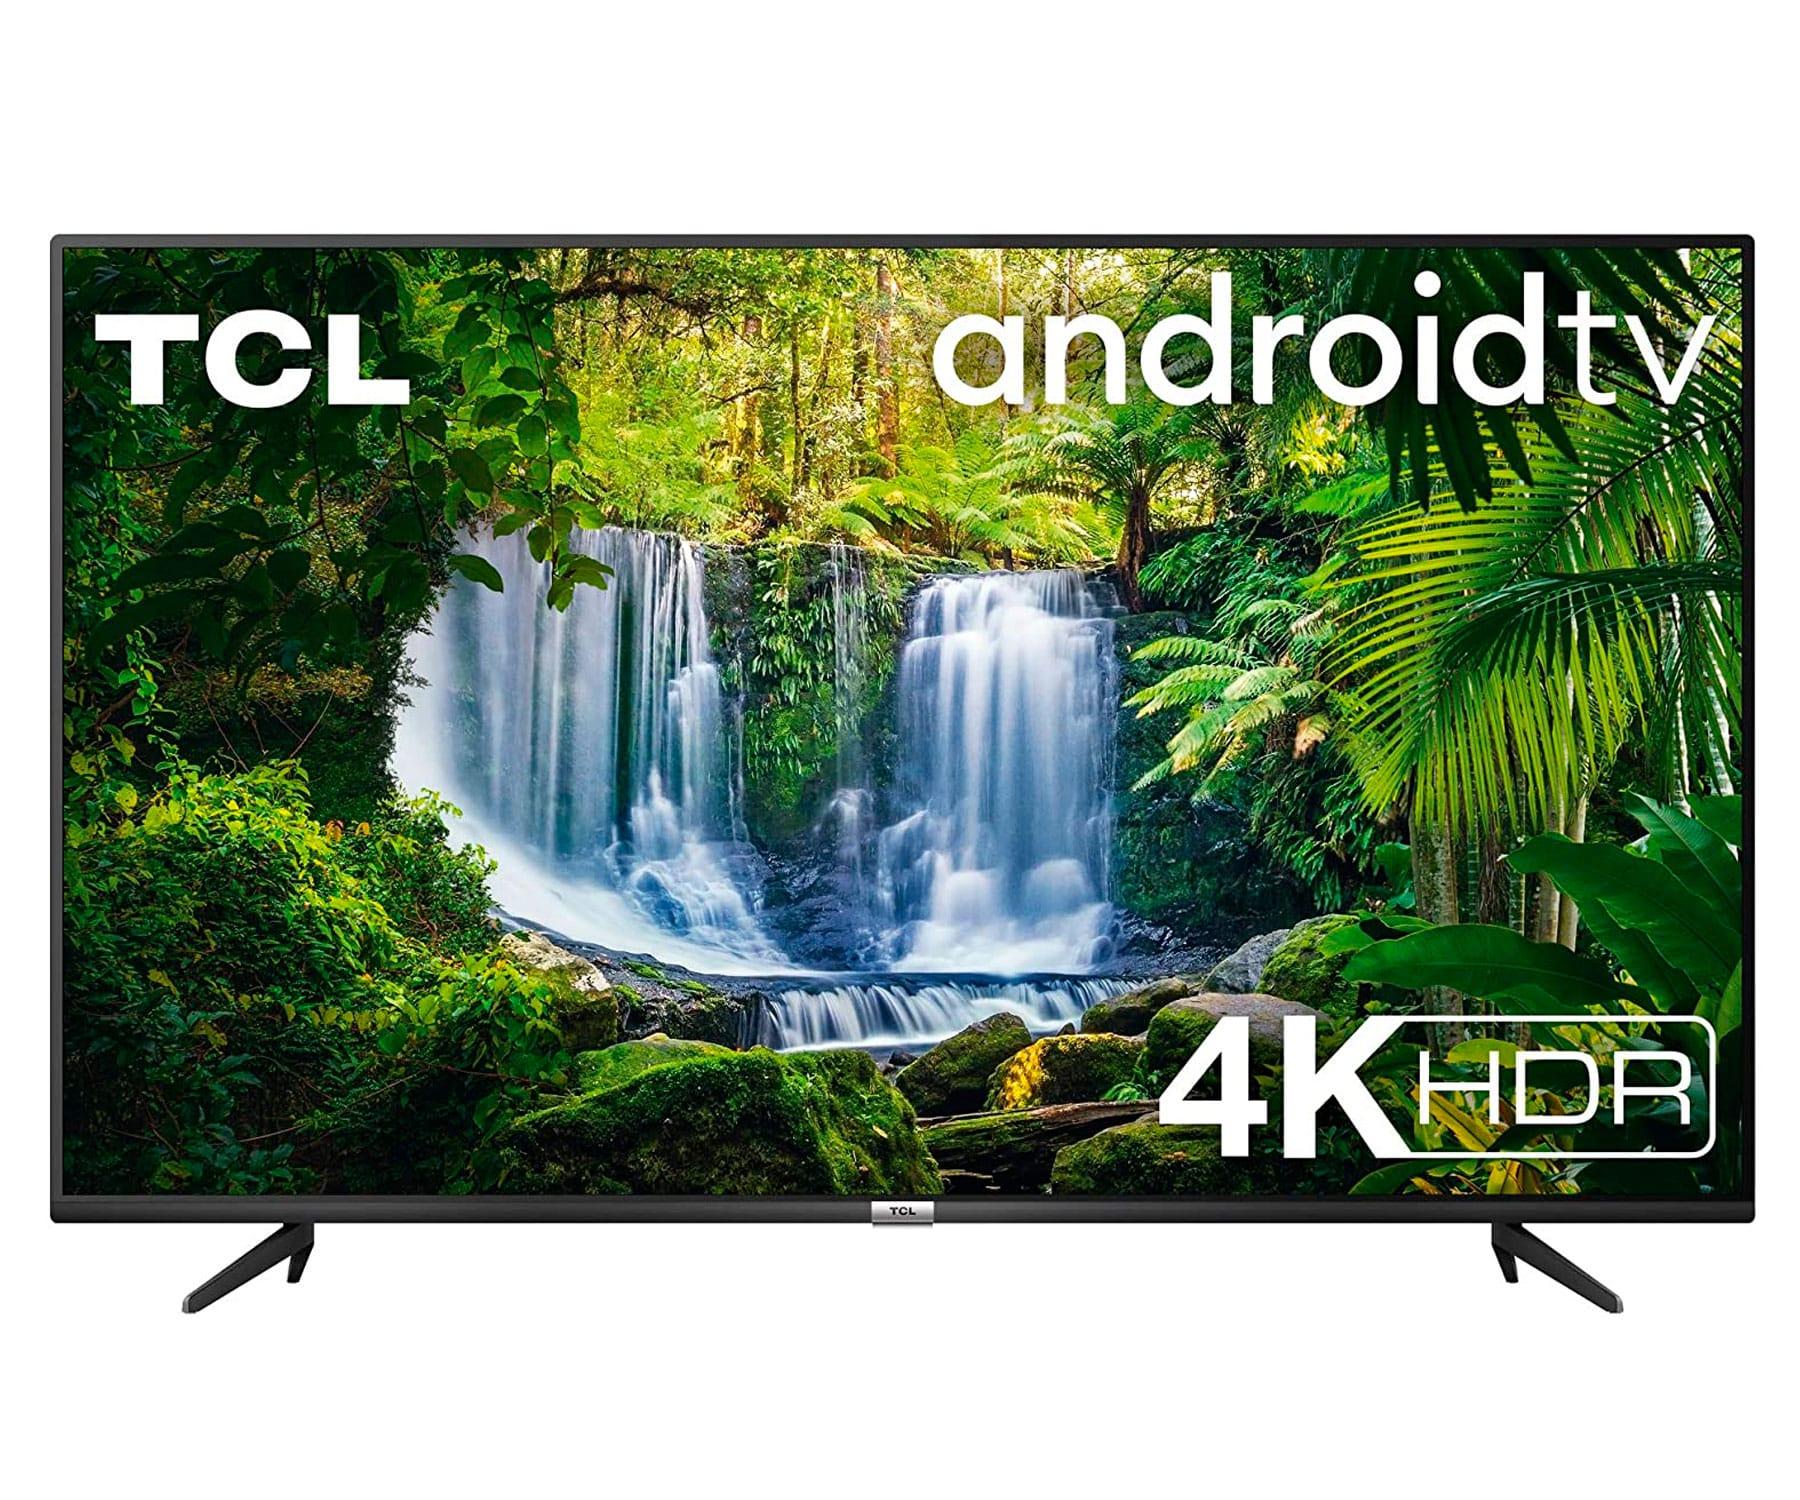 TCL 43P615 TELEVISOR SMART TV 43'' UHD 4K HDR